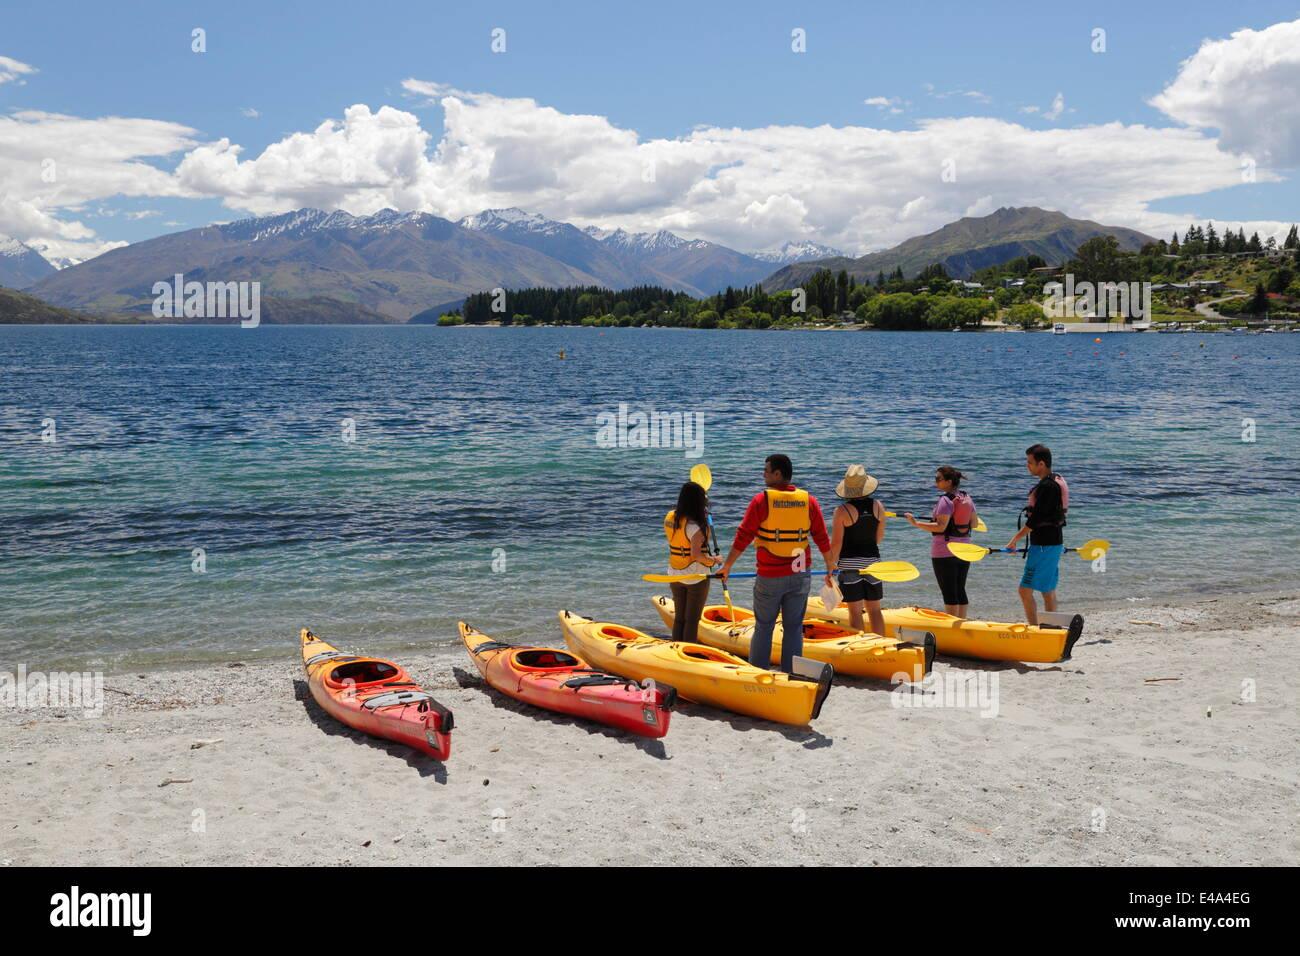 Kayak sur le lac Wanaka, Wanaka, Otago, île du Sud, Nouvelle-Zélande, Pacifique Banque D'Images